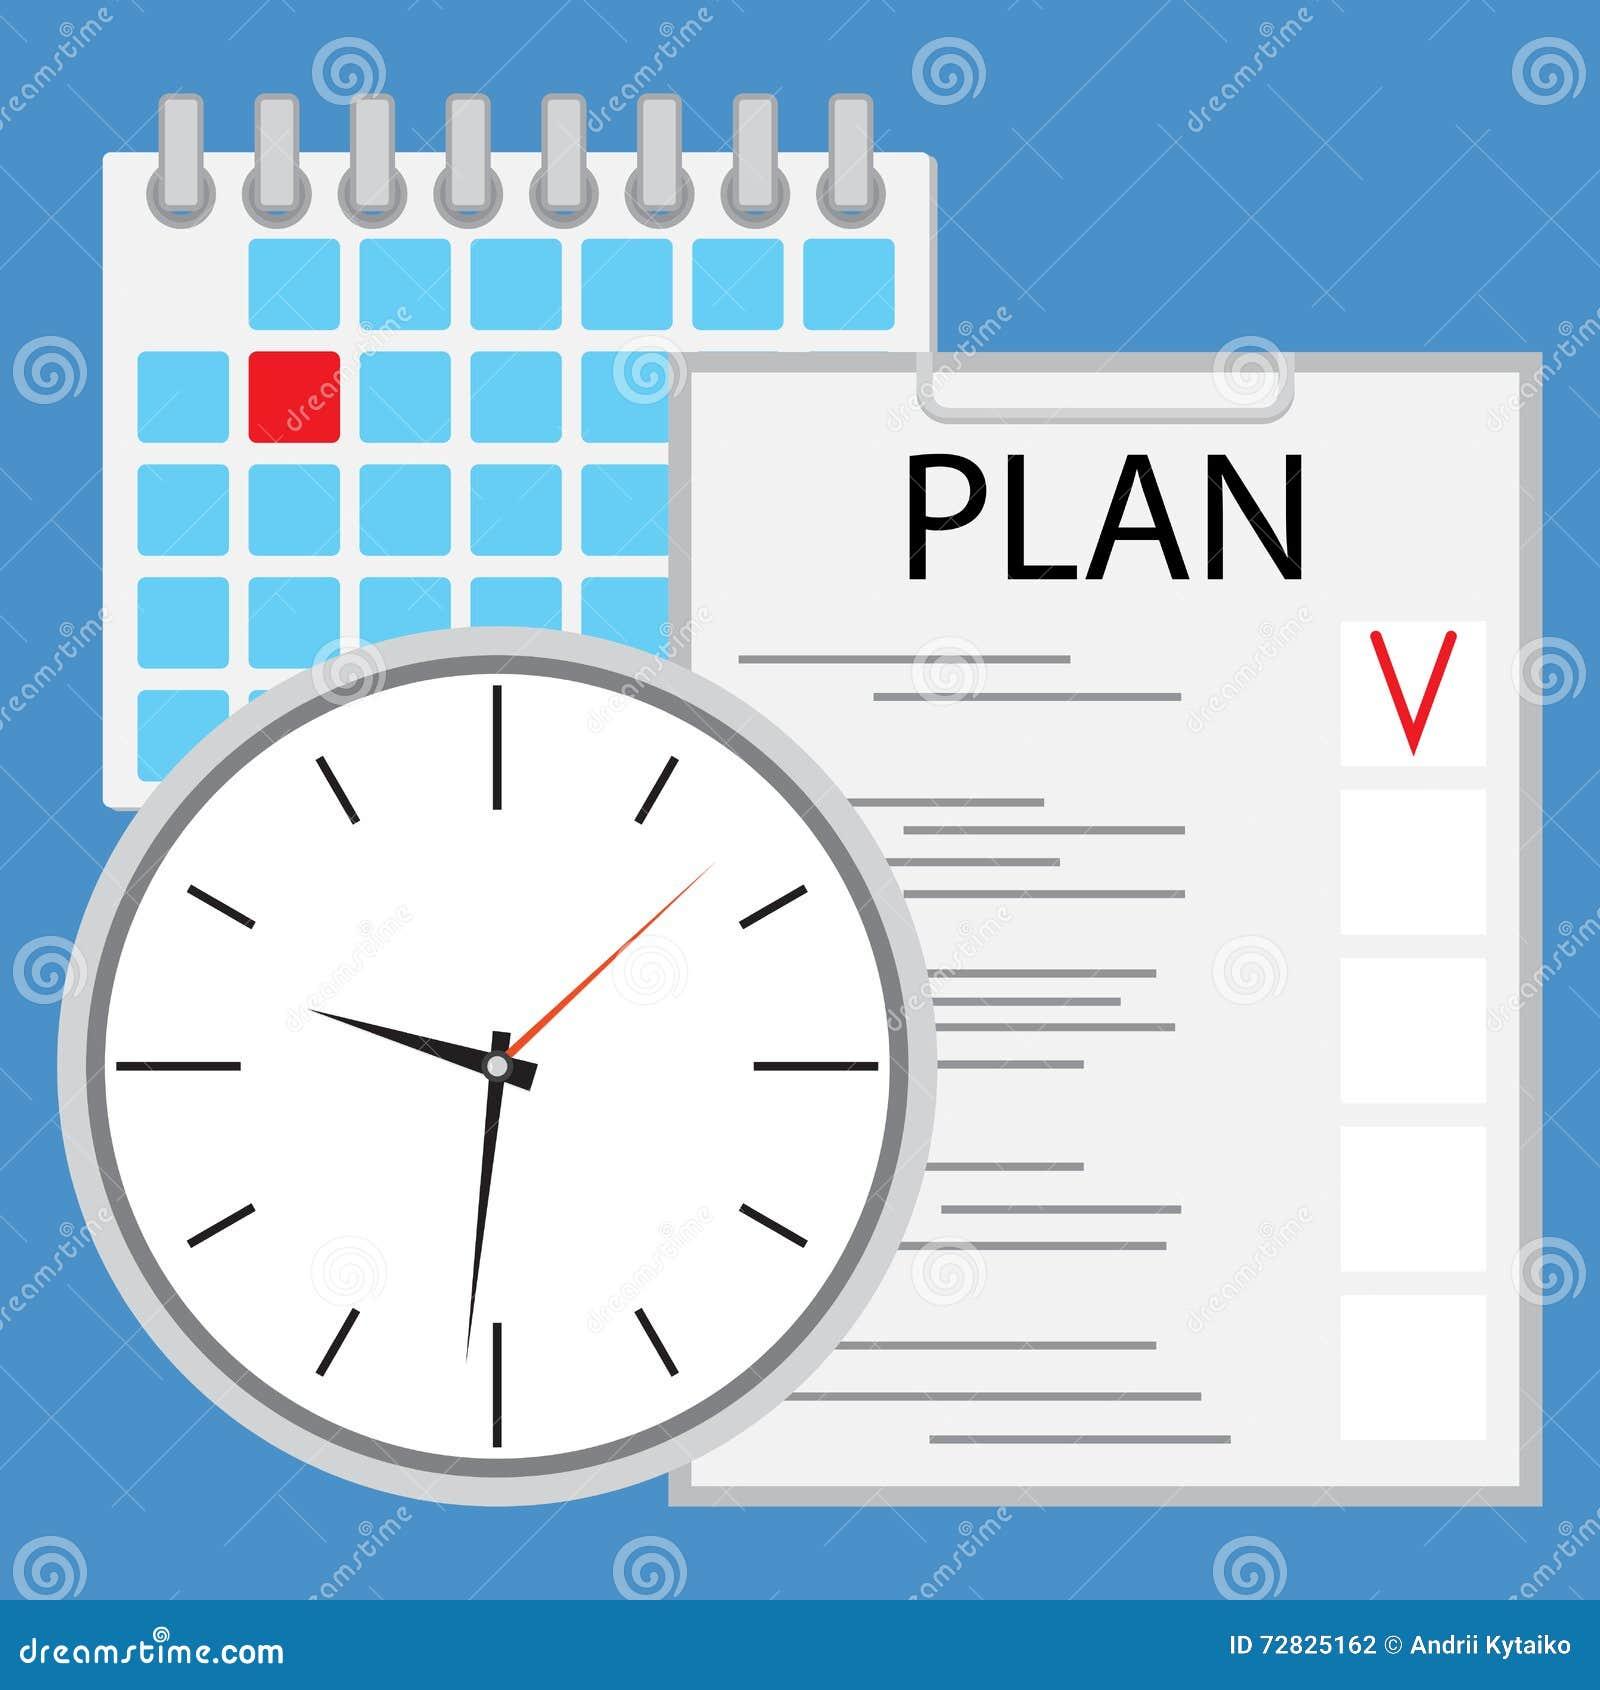 Planeamiento y organización de tiempo planos